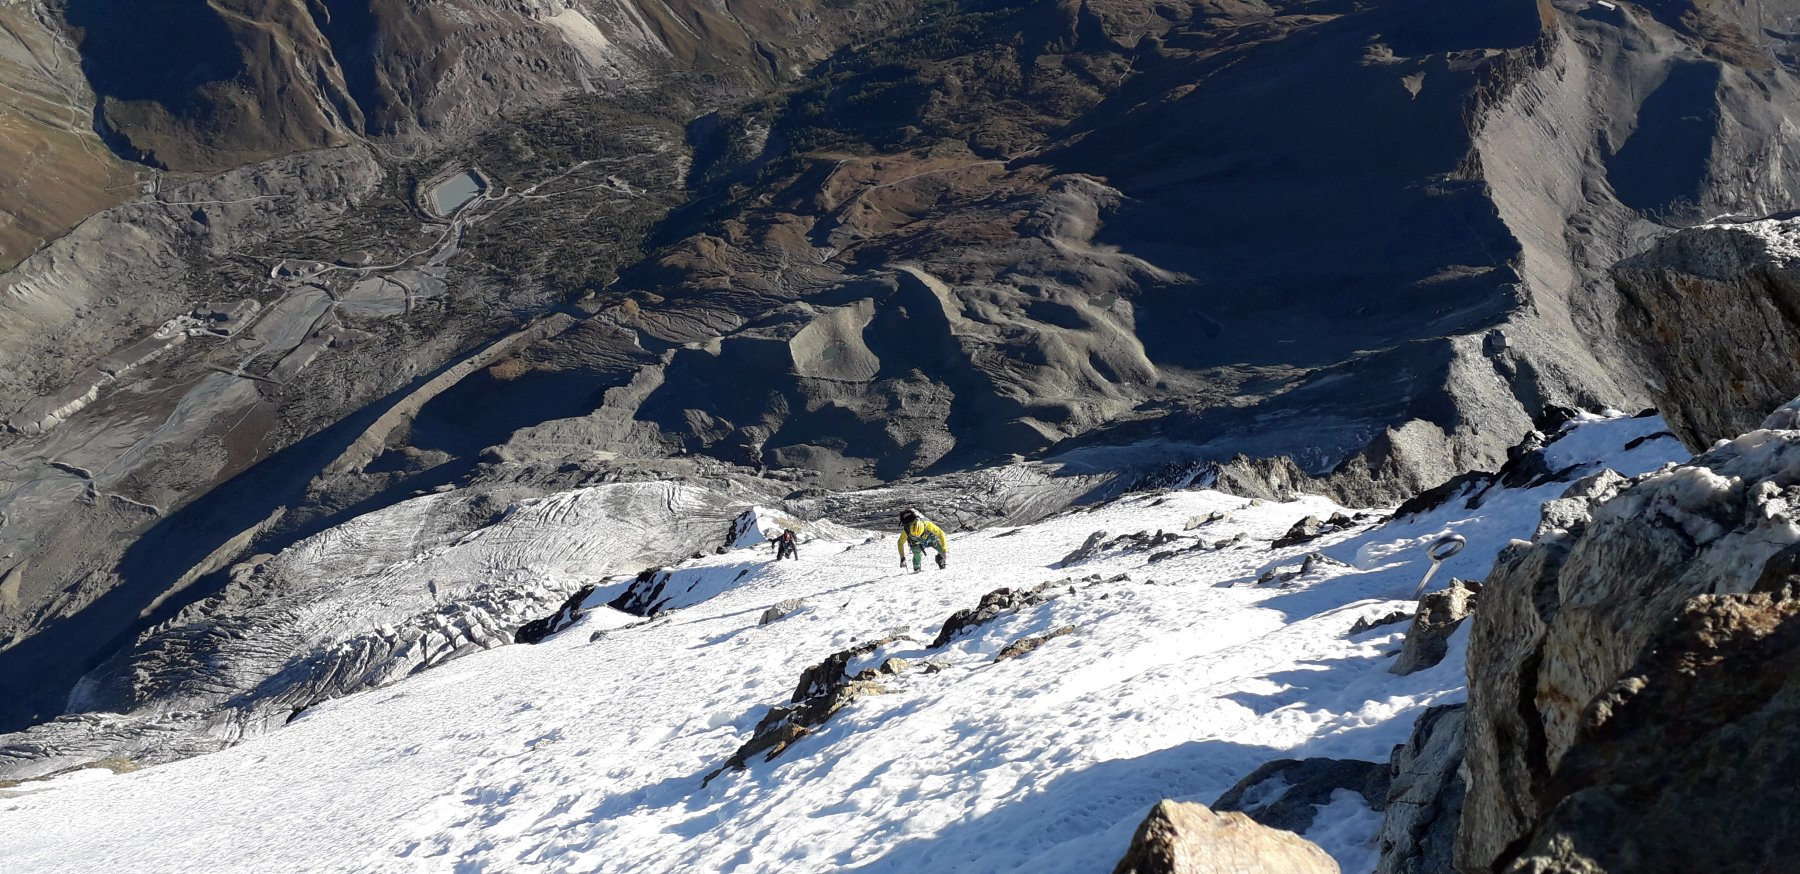 Cervino o Matterhorn Cresta dell'Hornli 2018-09-27